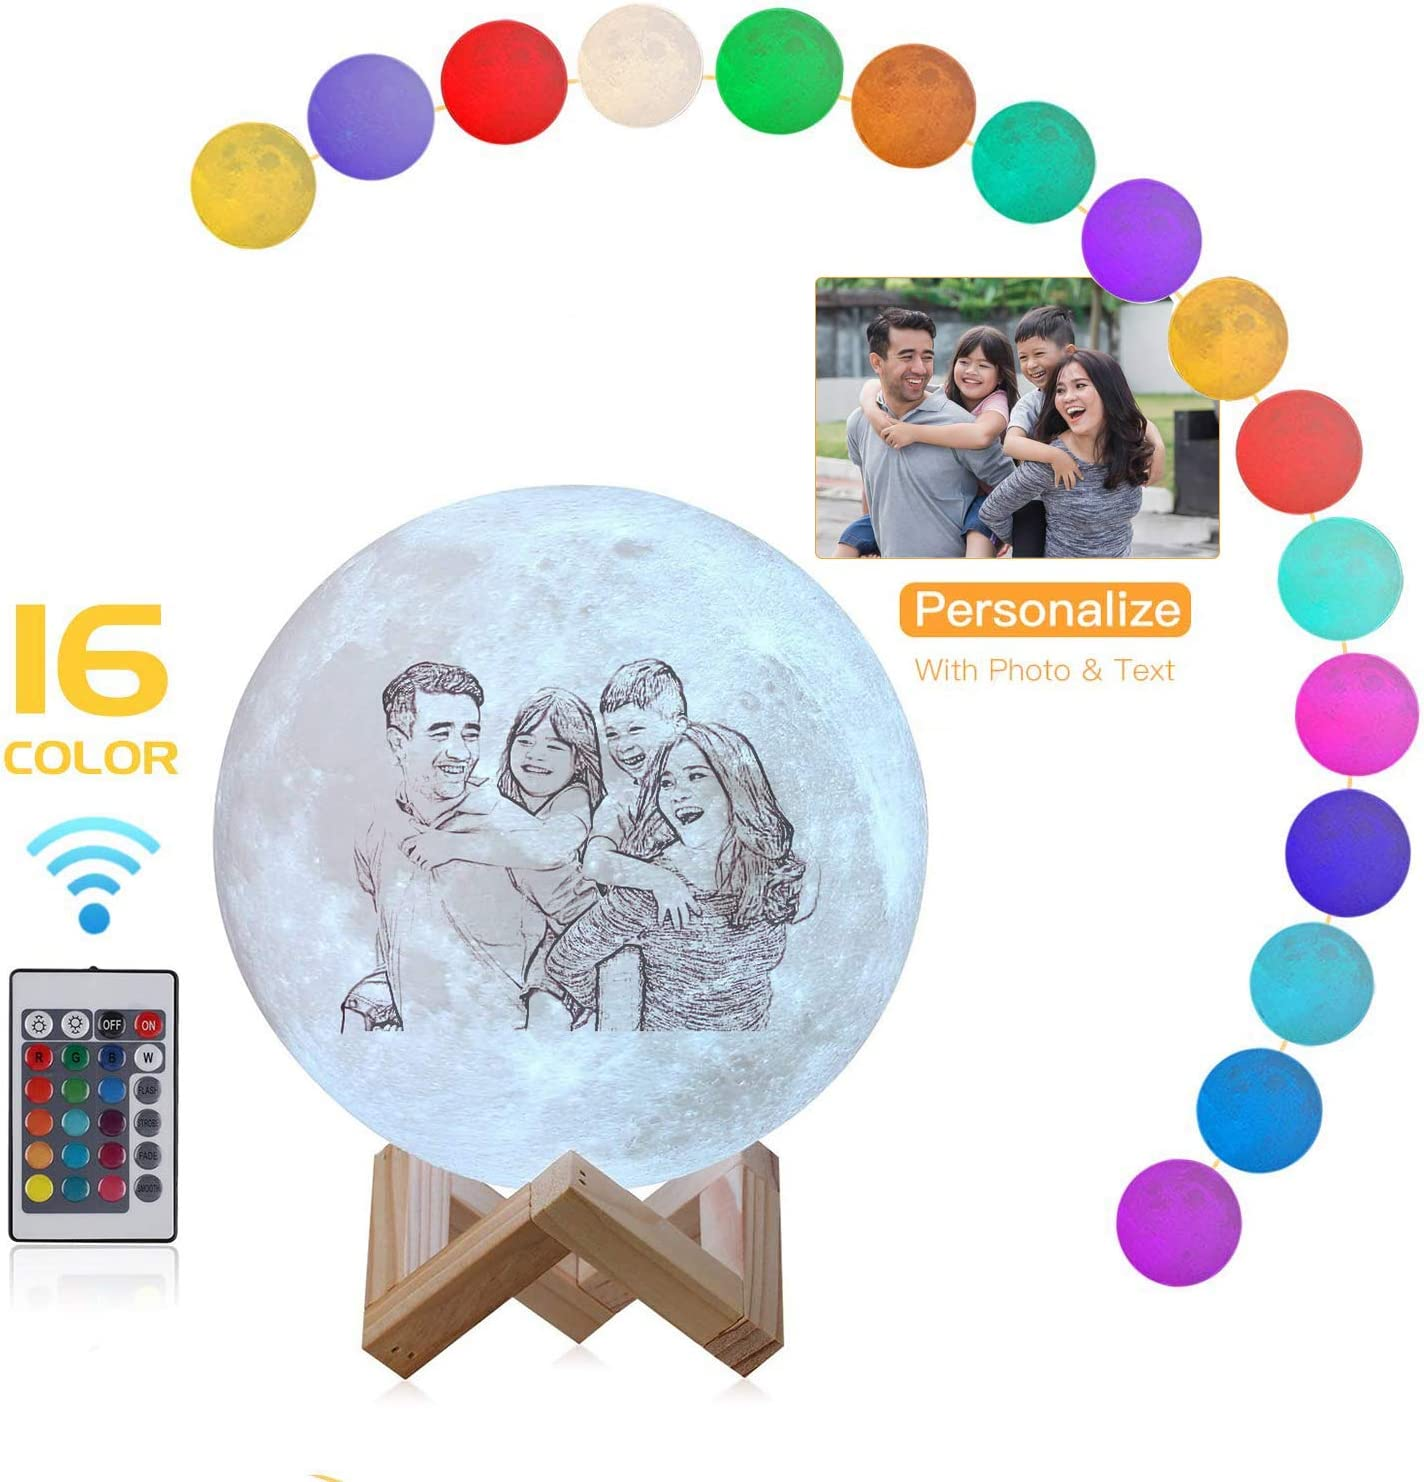 Foto personalizada Luna 3D Lámpara Nombre personalizado 16 colores Control remoto Luz de noche para niños Madre Día del padre Pareja Regalo de Navidad 5.9 '' (15 cm)